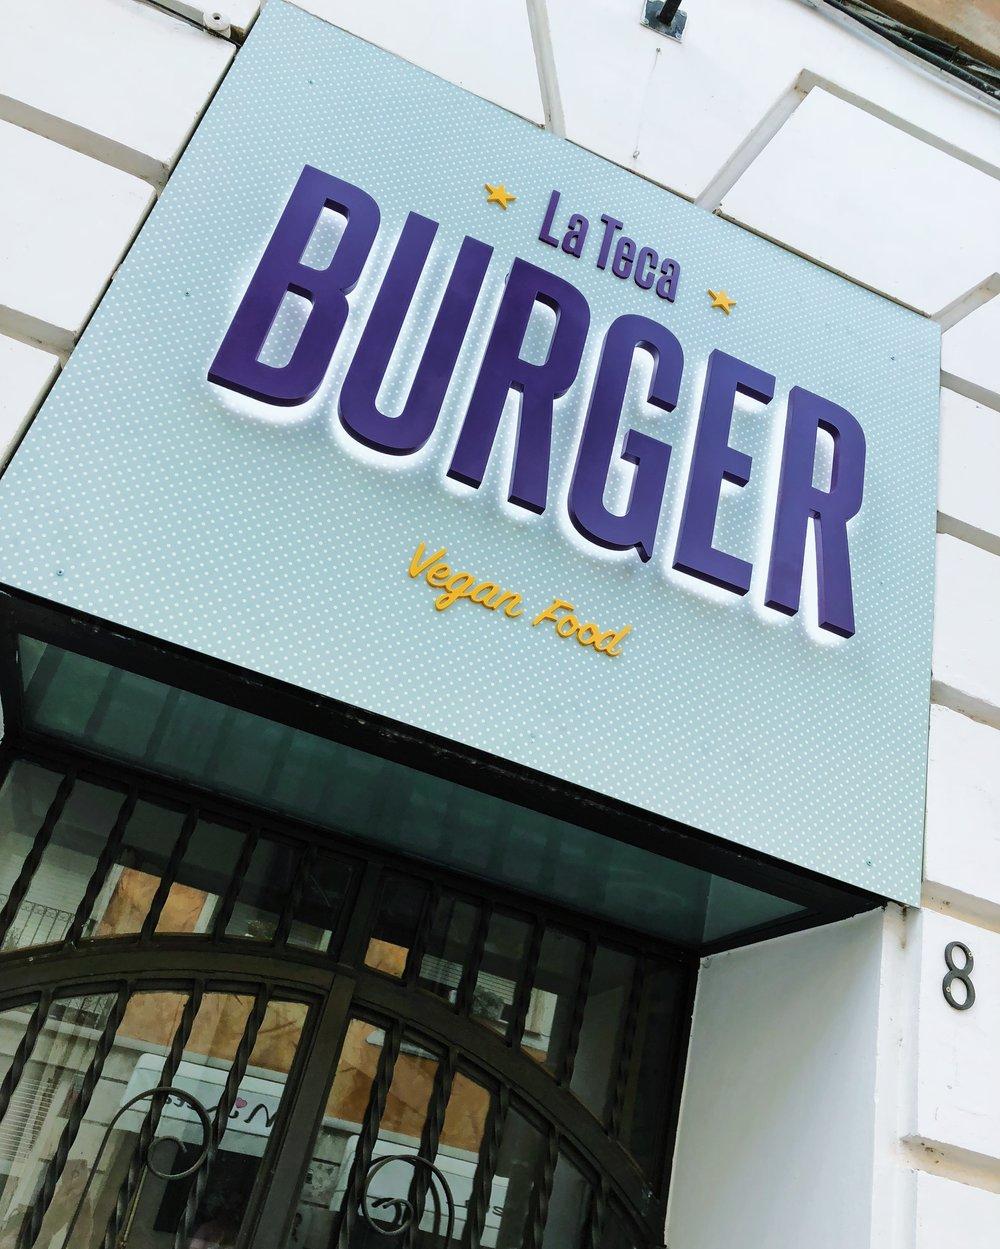 latecaburger-rotulos-27lletres.jpeg